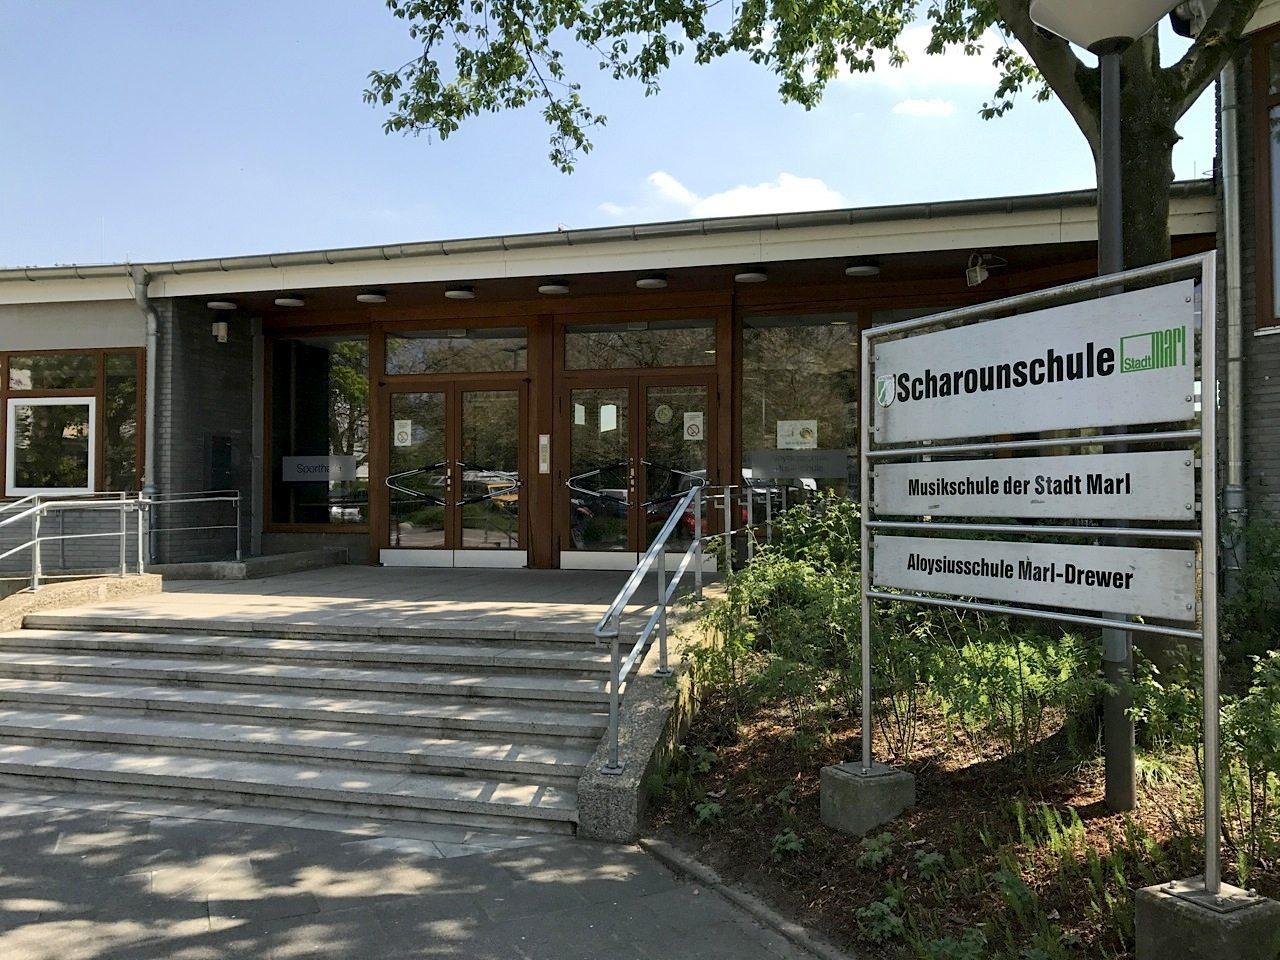 Scharounschule. Von Hans Scharoun entworfen, seit 2004 denkmalgeschützt und 2015 saniert.